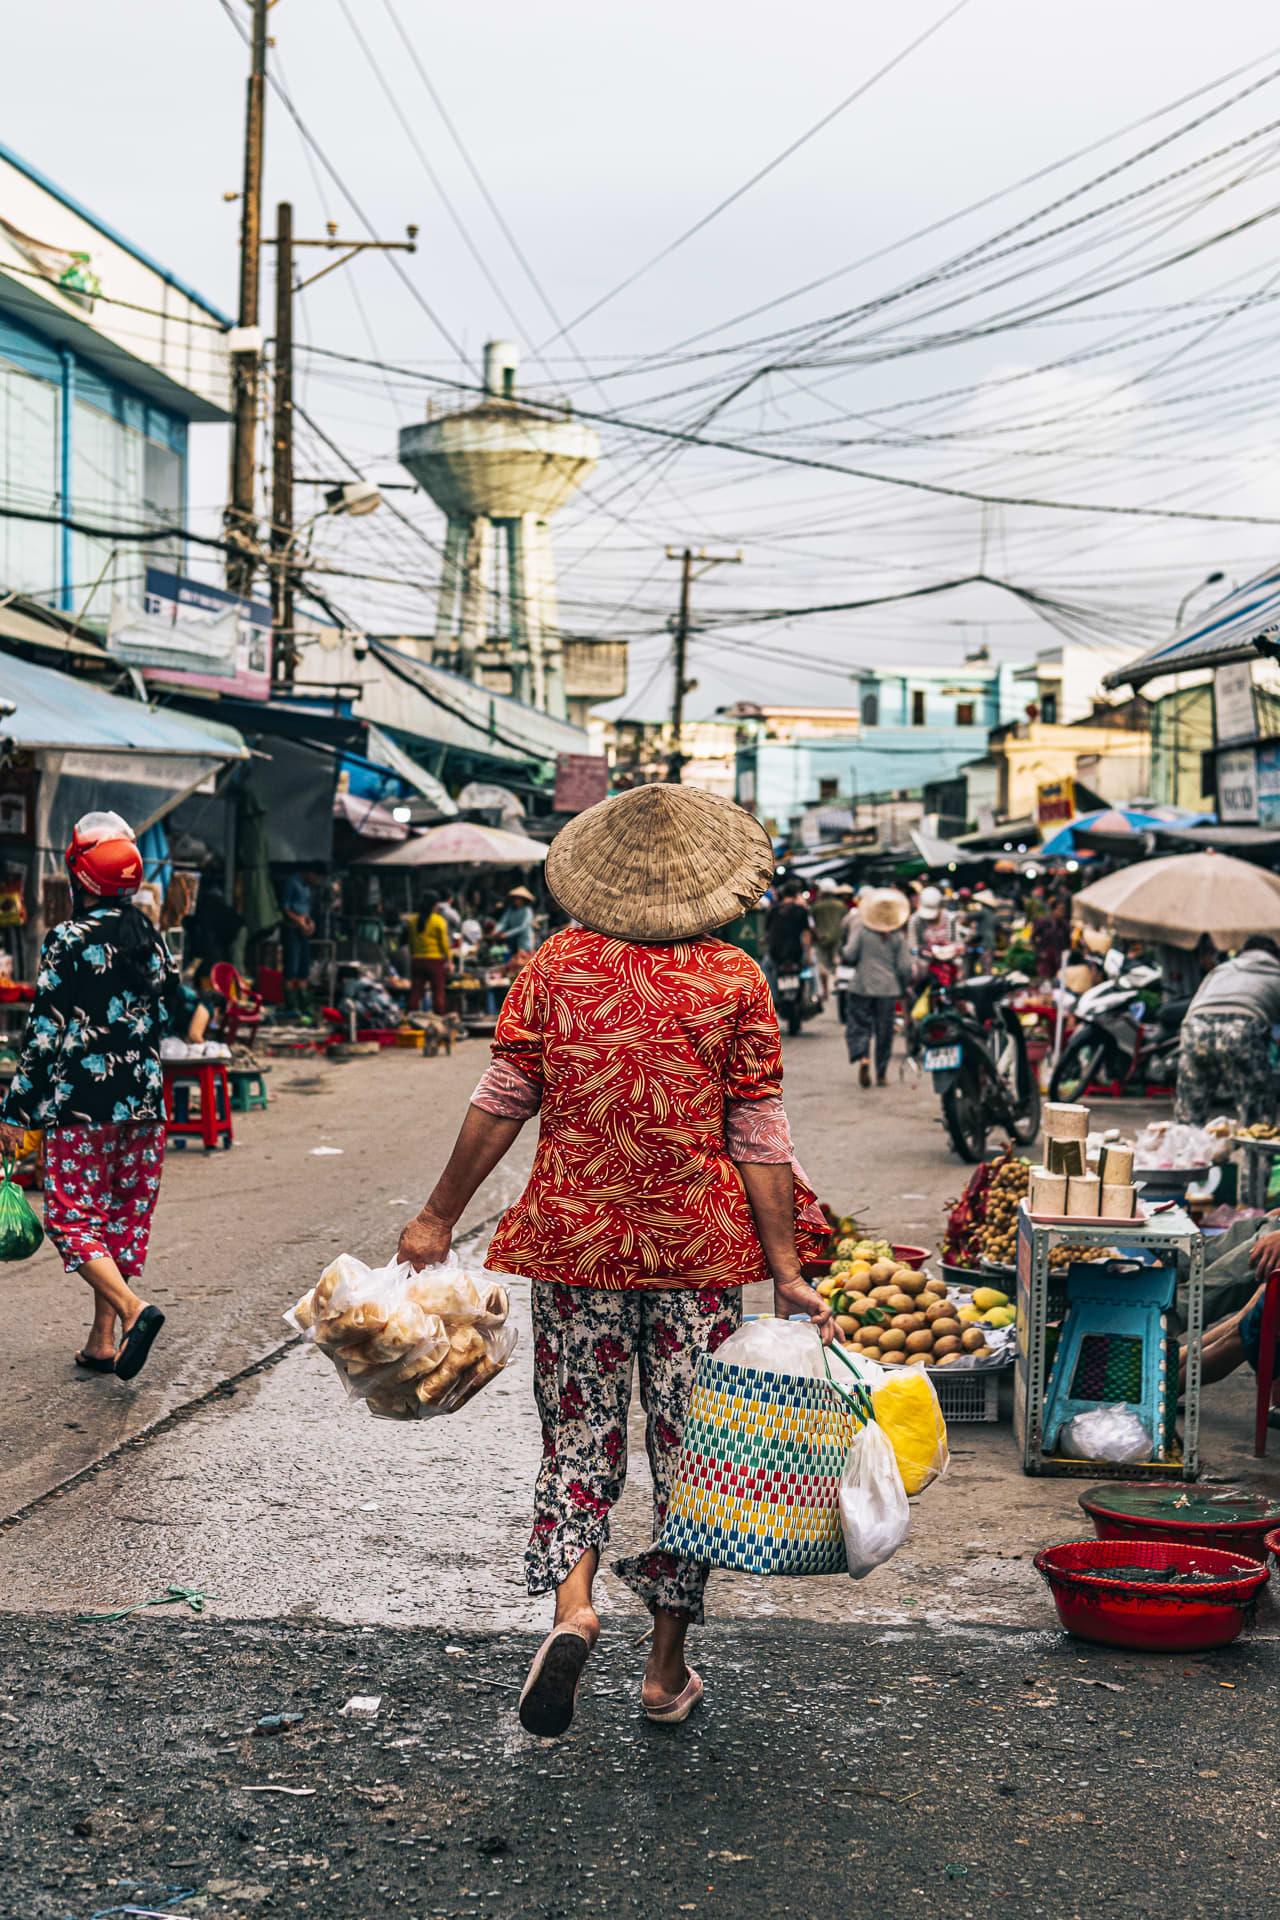 A woman walking downNguyen Trung Truc Street, carrying her morning shopping.